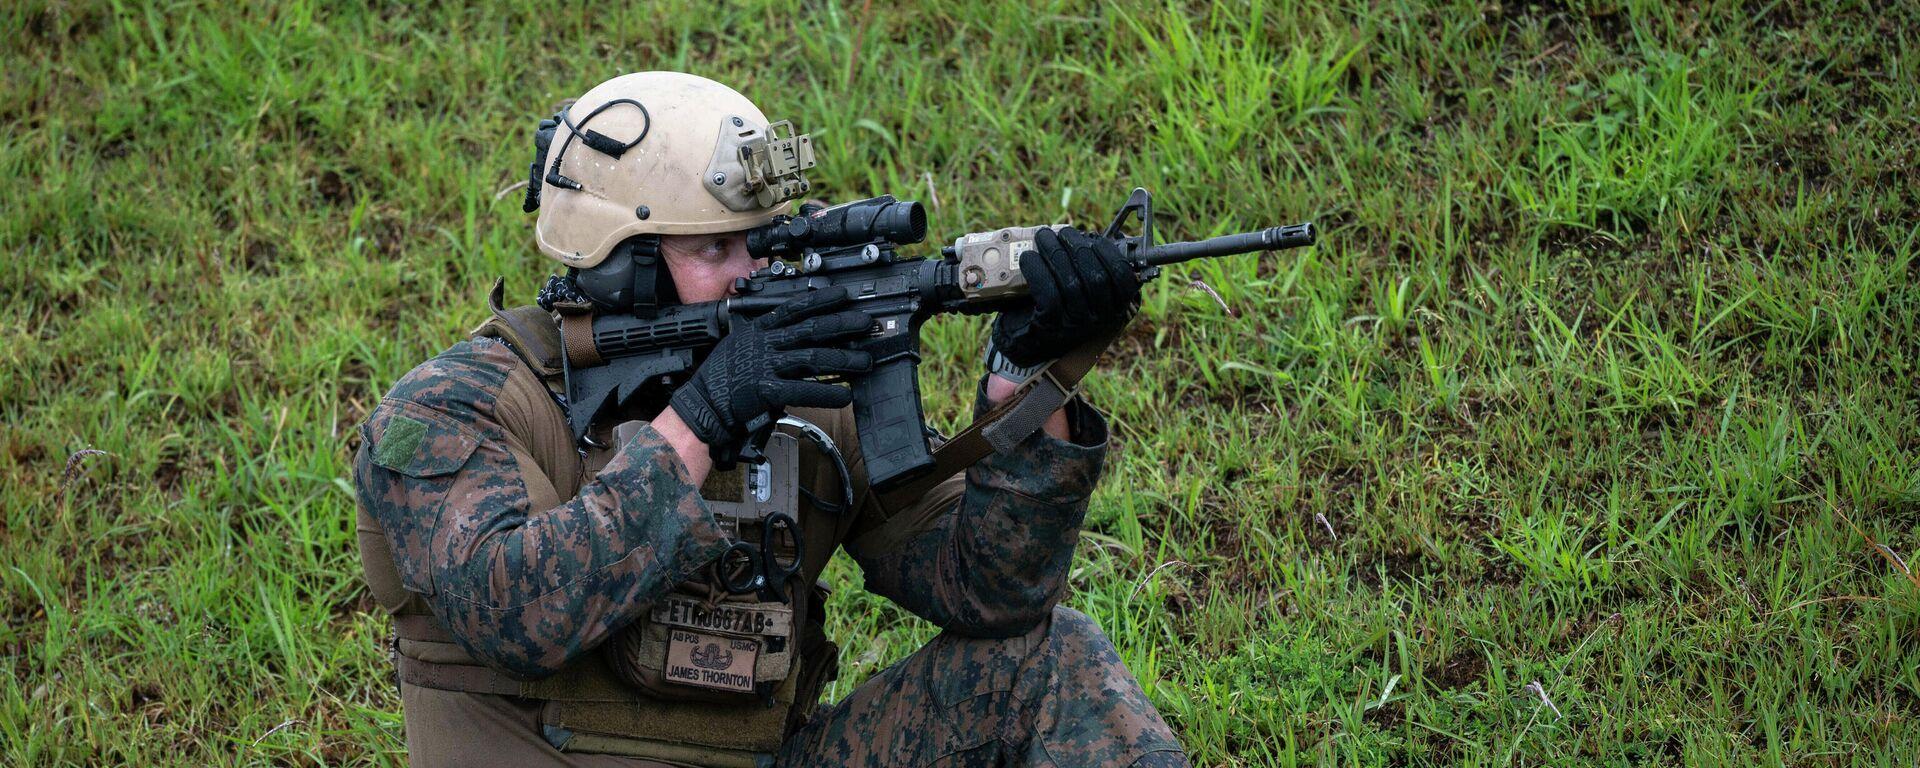 Ein US-Marinesoldat nimmt an einer gemeinsamen Militärübung in Japan teil, 15. Mai 2021 - SNA, 1920, 20.05.2021